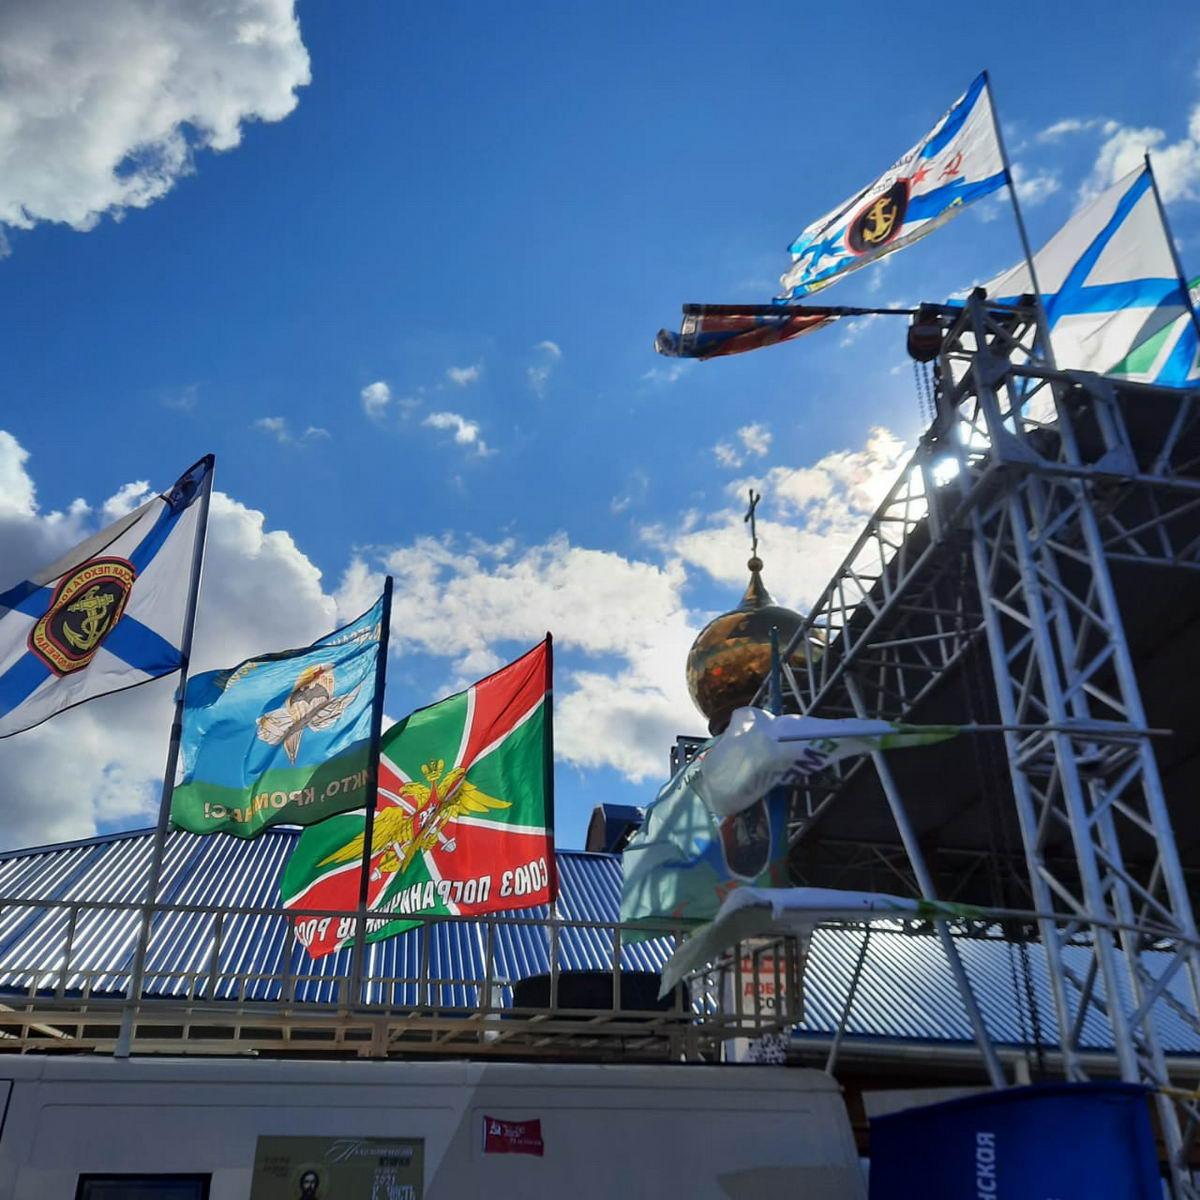 Межрегиональный духовно патриотическом фестиваль, посвященный празднованию 800 летия со дня Рождения Святого благоверного князя Александра Невского